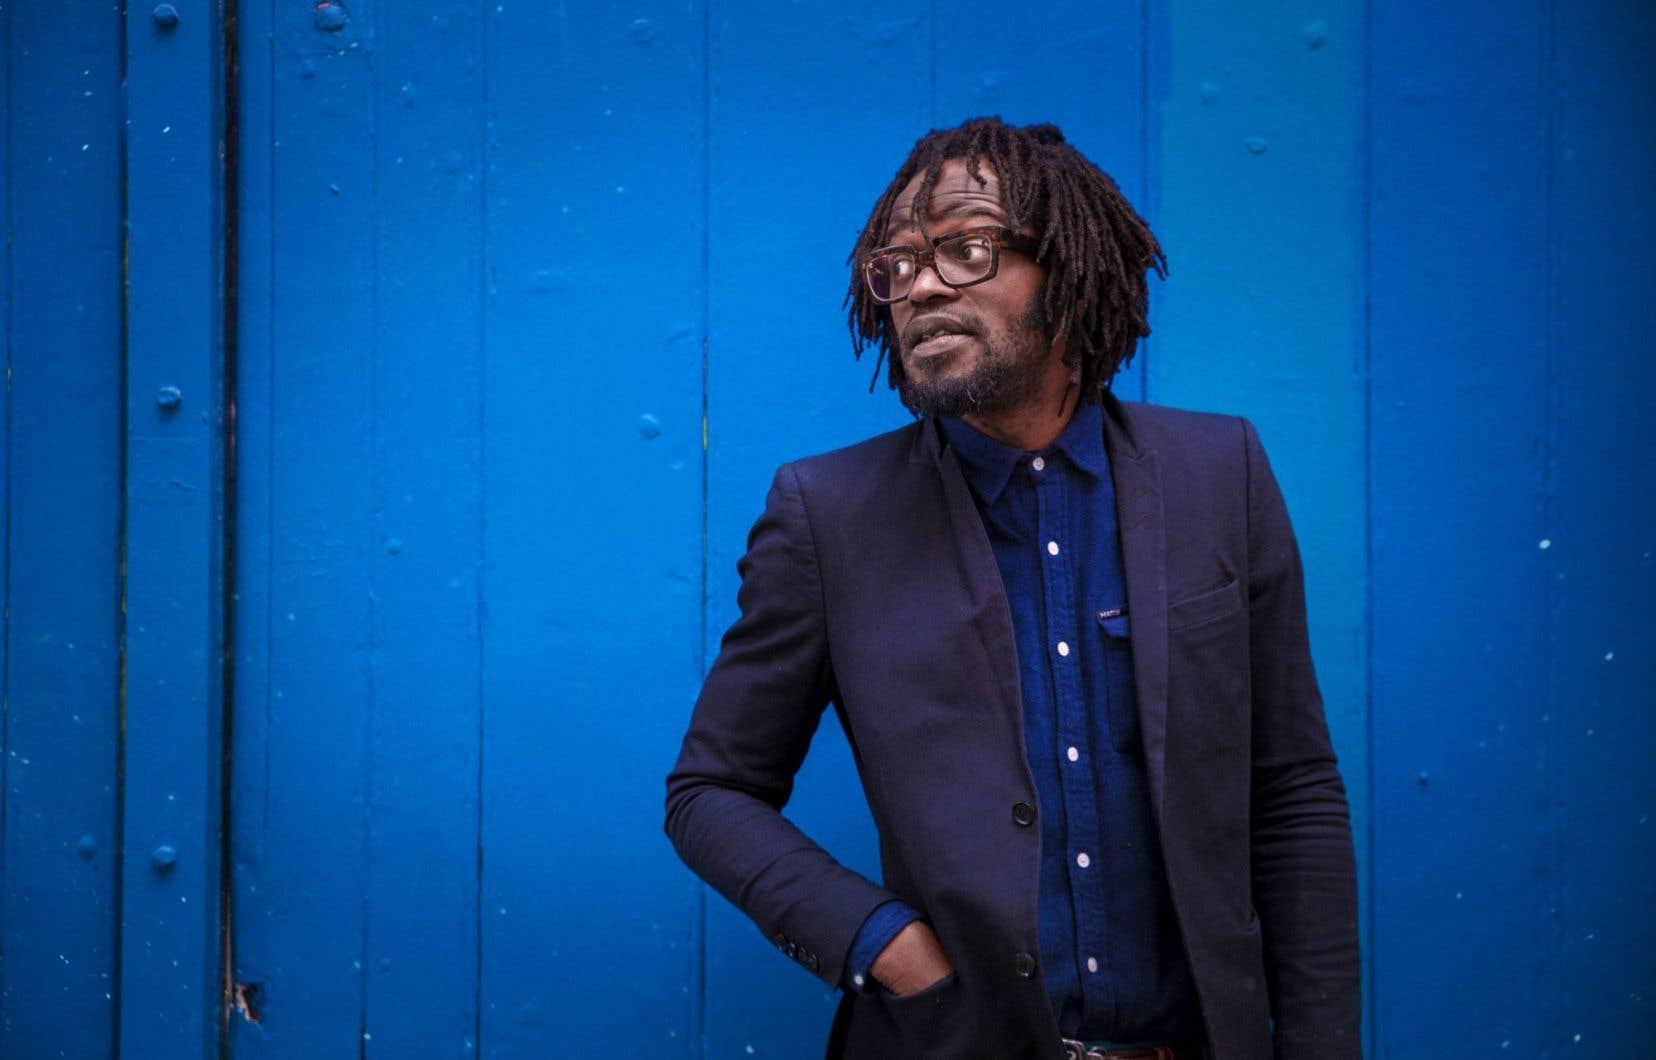 Tété est conscient de la chance qu'il a d'avoir une carrière en musique après presque deux décennies à écrire des chansons.